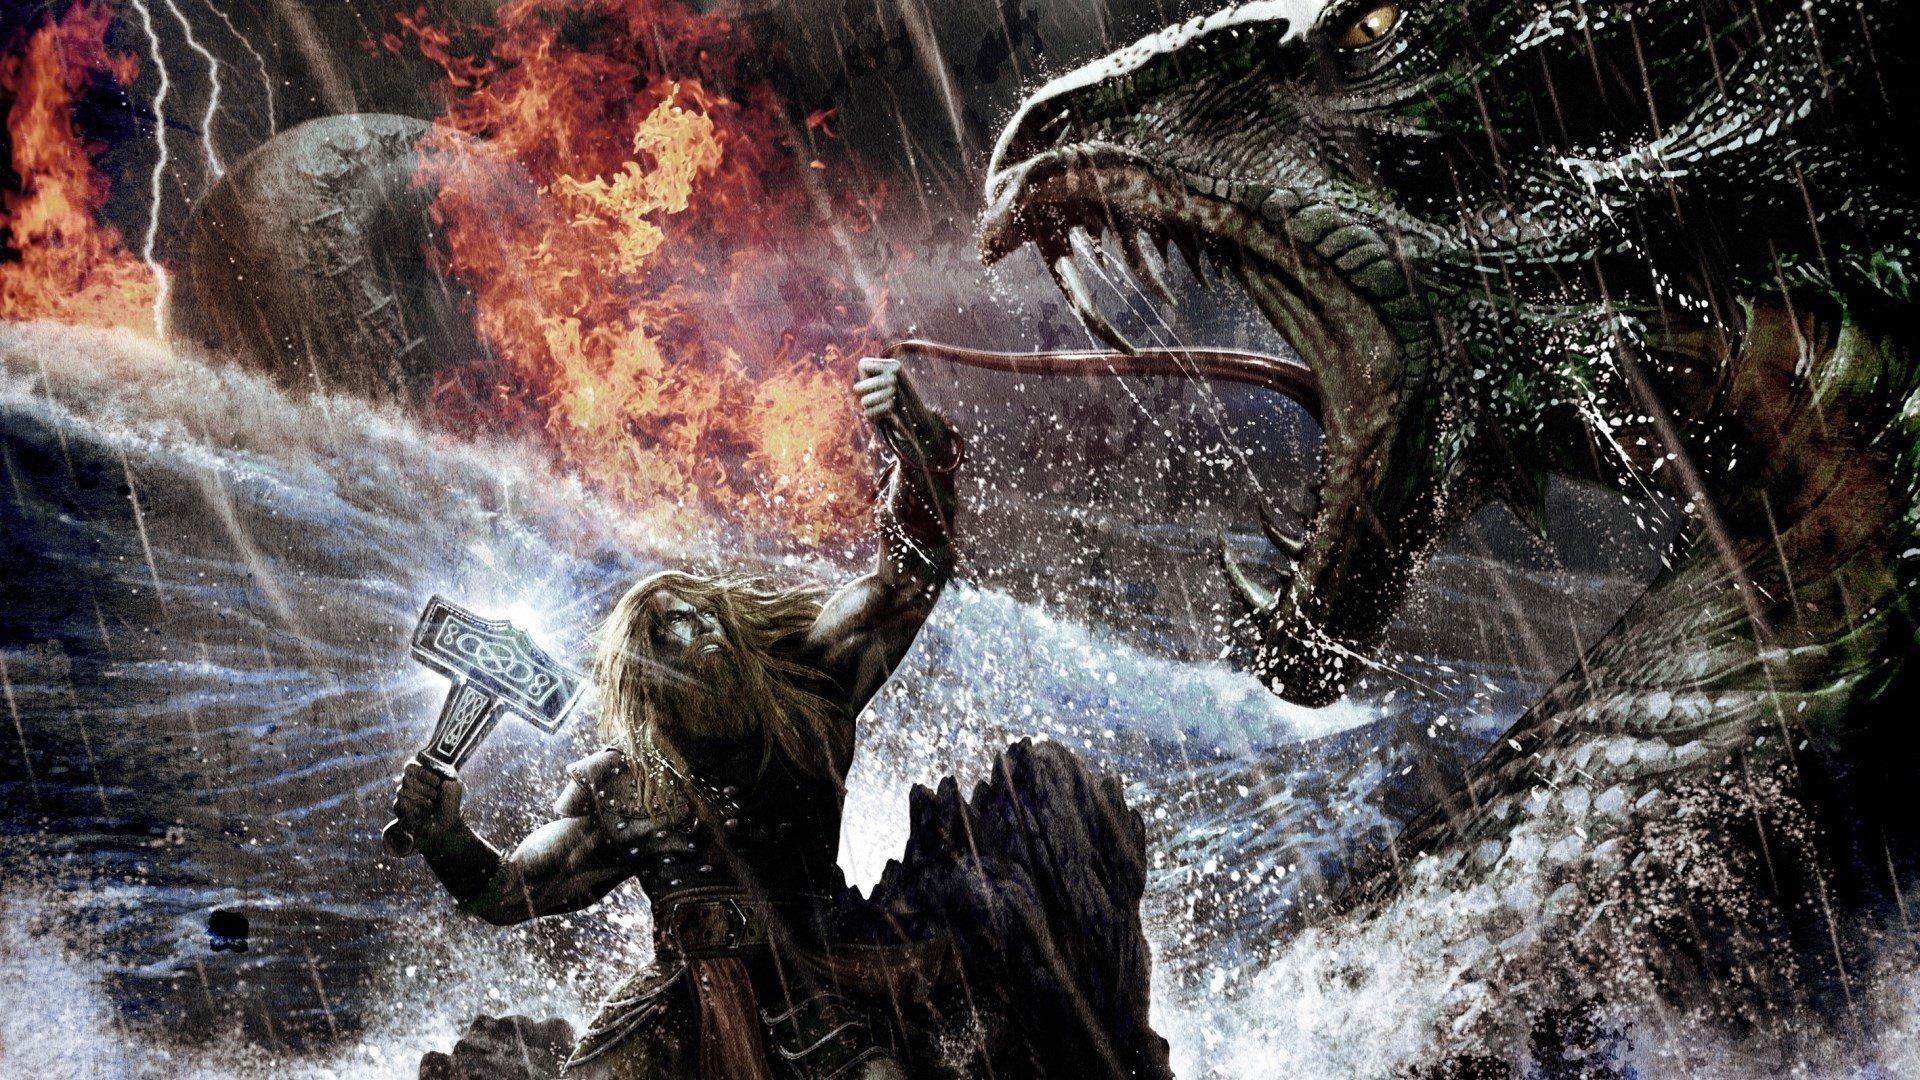 Você conhece os 4 deuses da Mitologia Nórdica que fazem o seu dia?